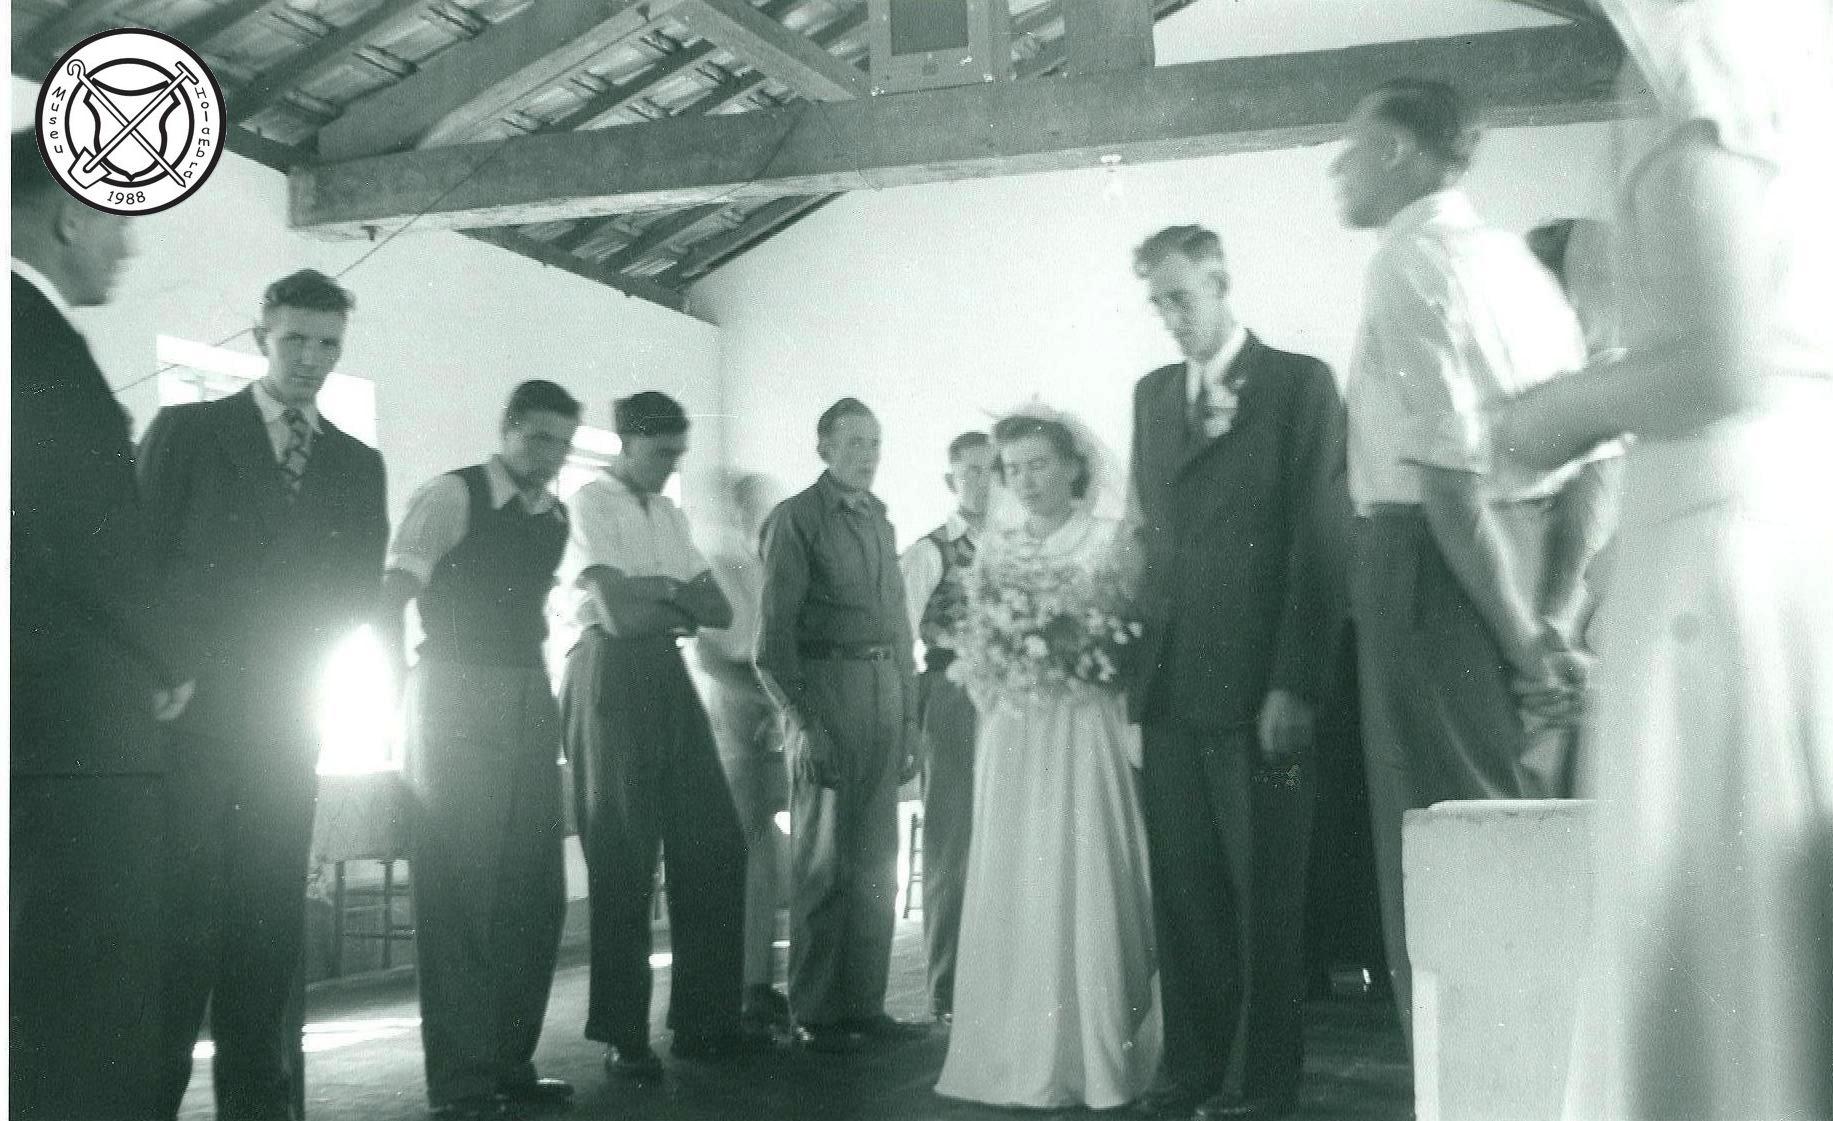 Huwelijk van Wim Miltenburg en Toos van Lieshout